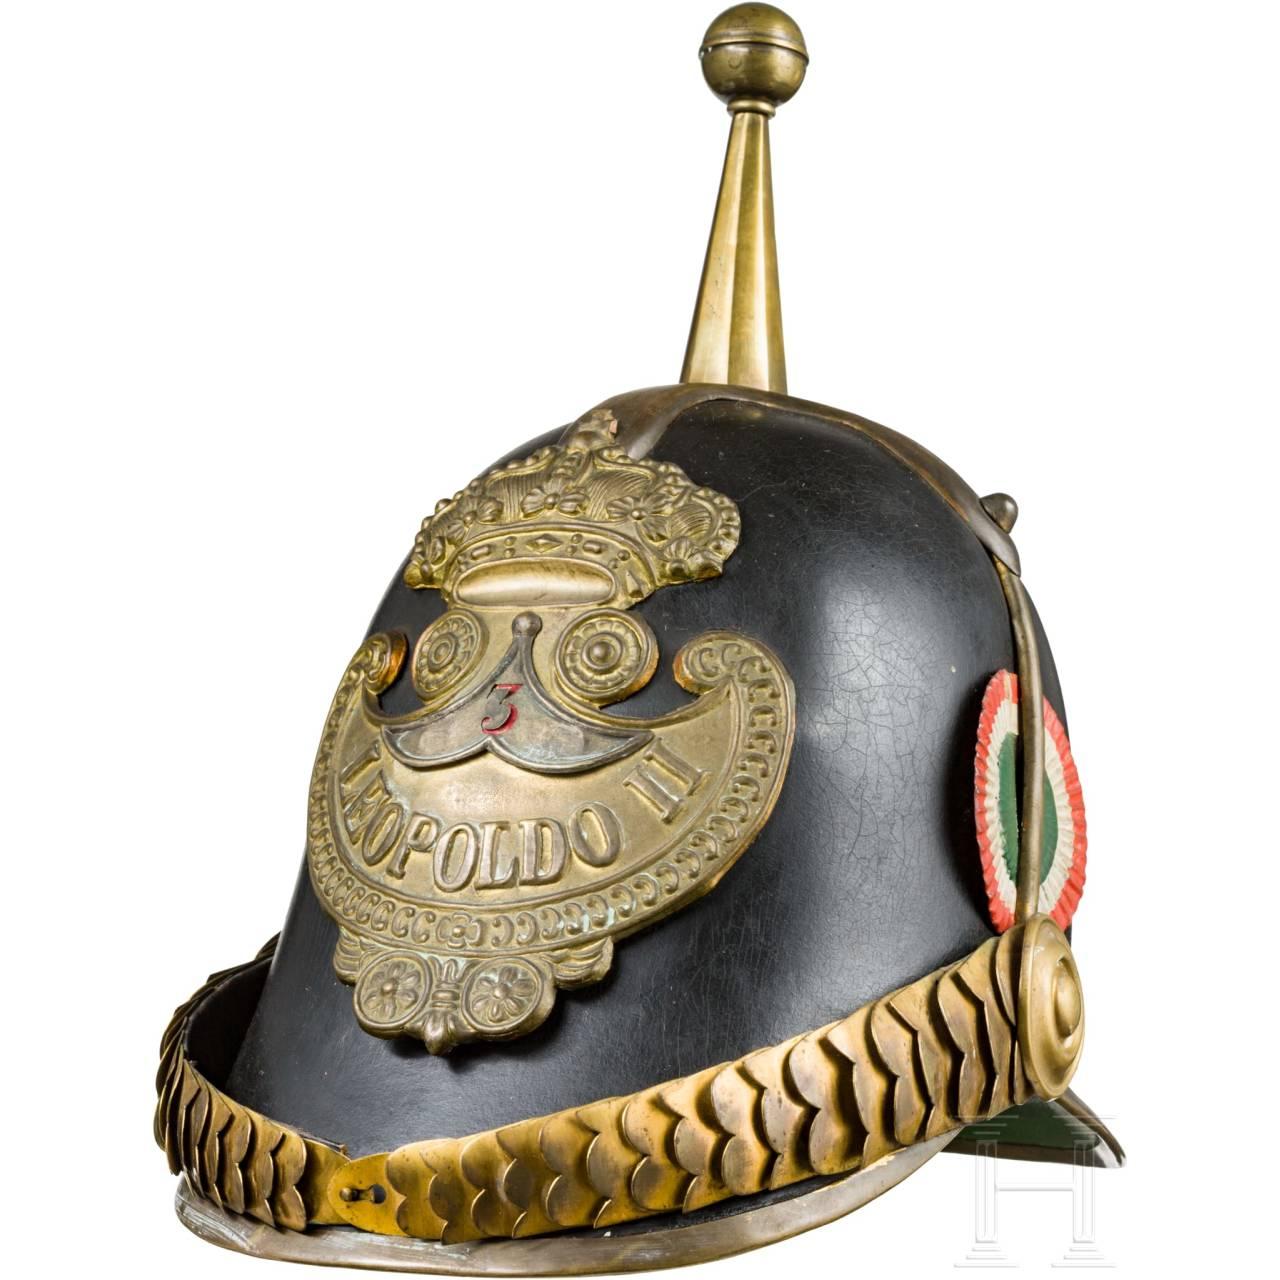 """Helm der """"Guardia Civica"""" aus der Regierungszeit Leopolds II., Großherzog der Toskana (1824-59)"""